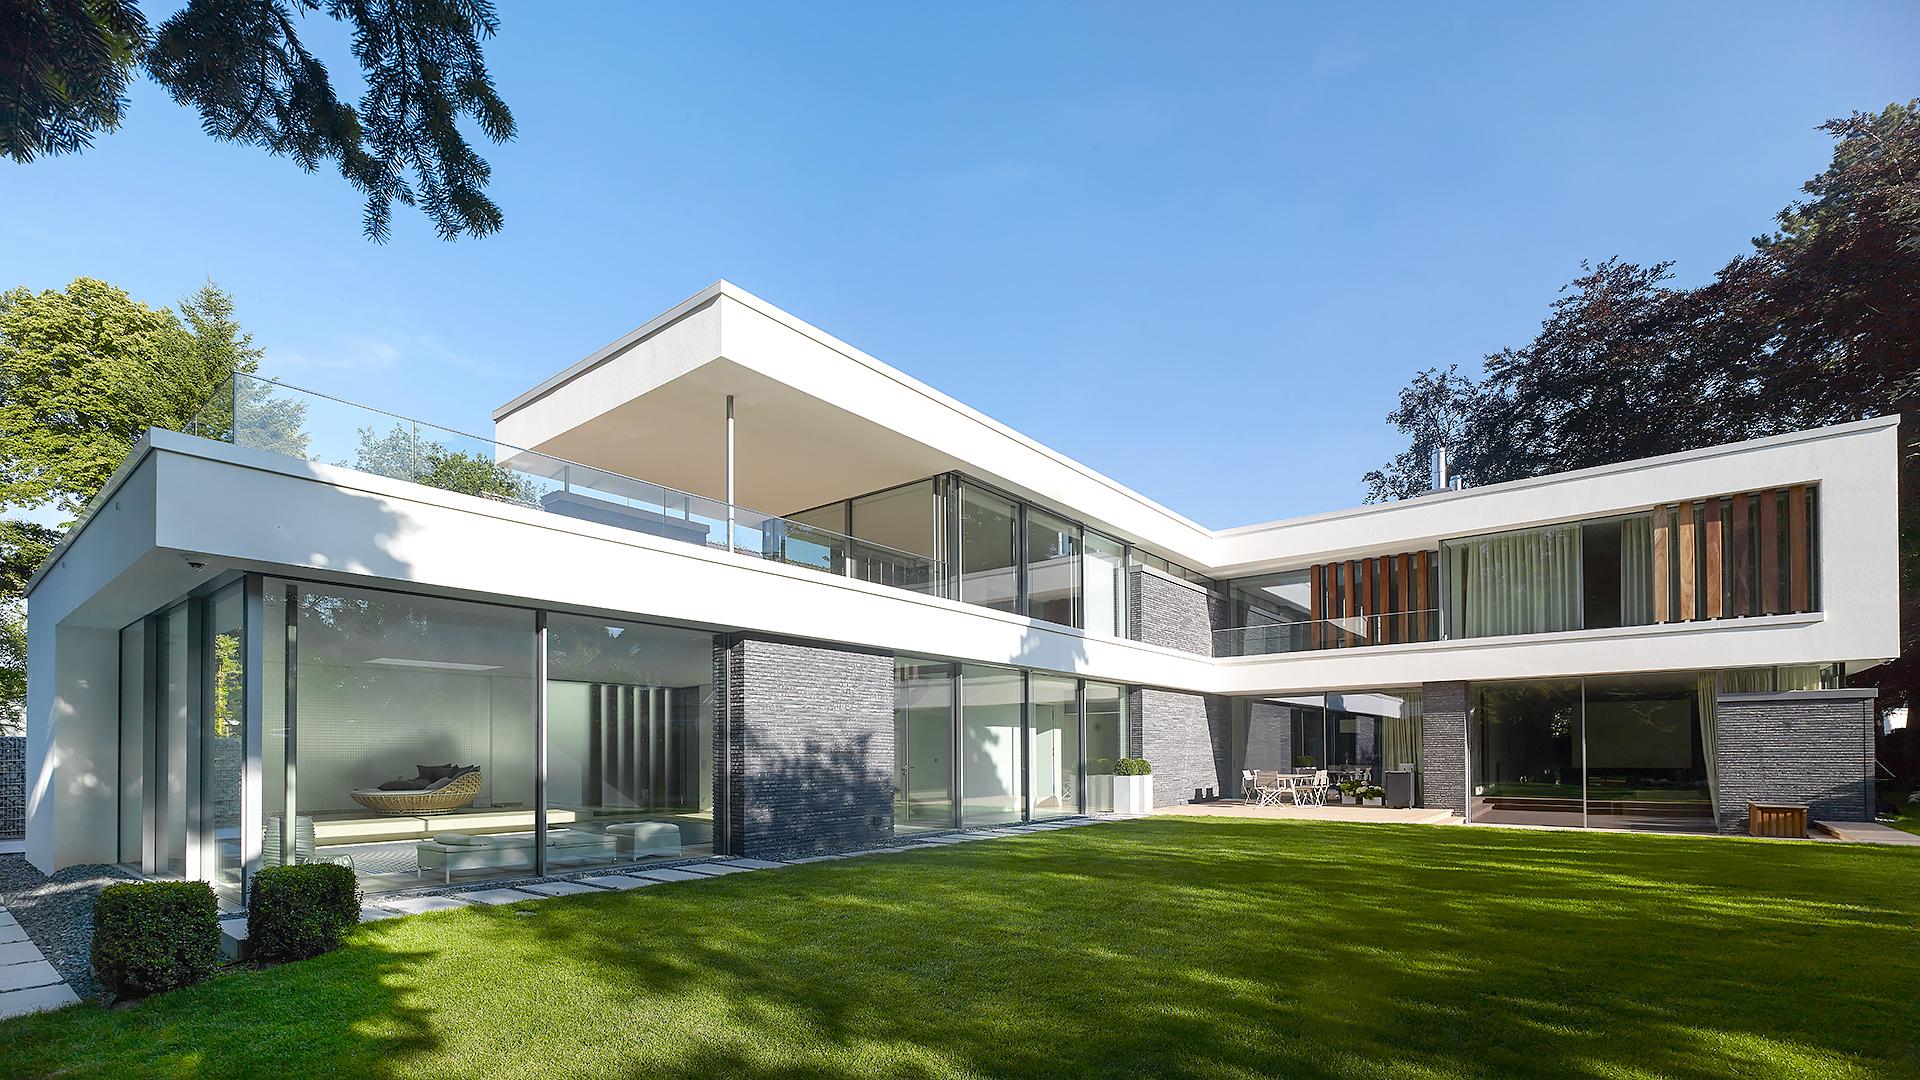 Architekten Hannover referenzen jung architekturbüro innenarchitekturbüro hildesheim